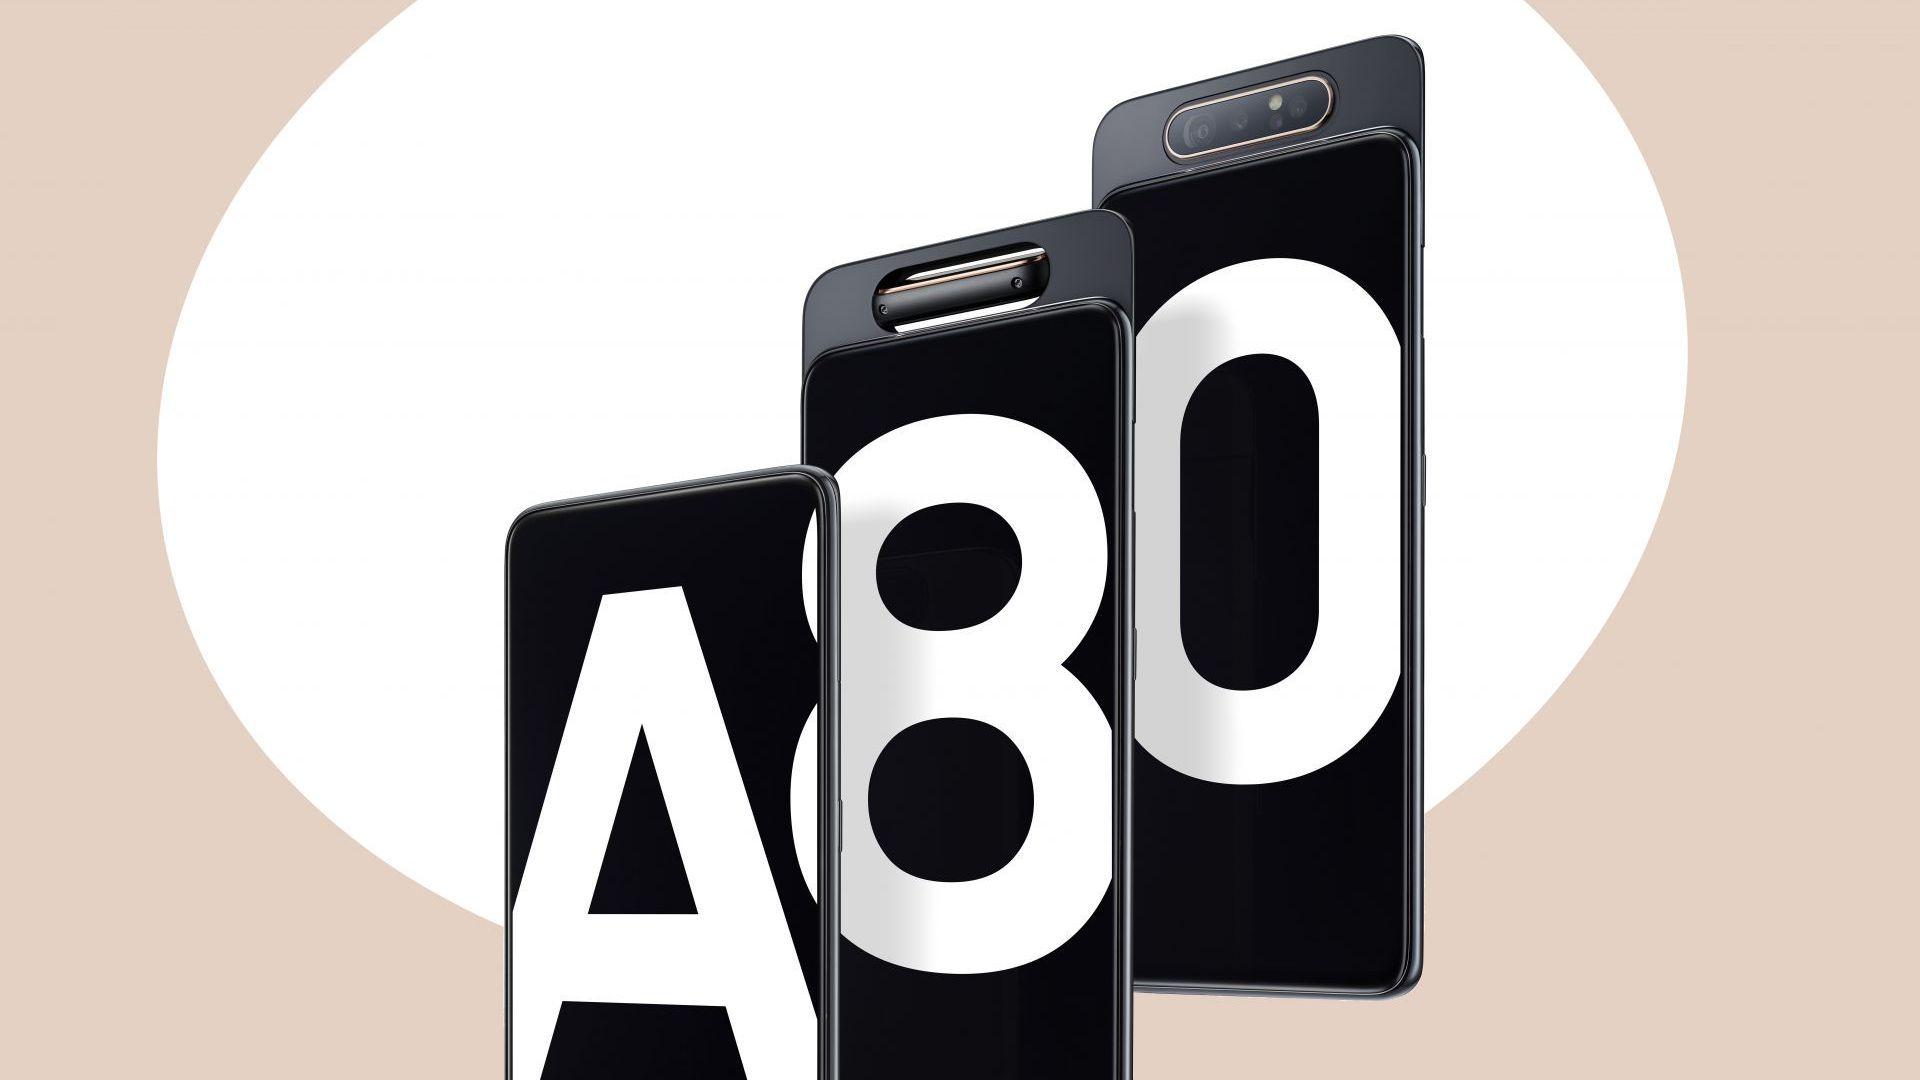 cellphone technology Samsung Galaxy A80 gadgets